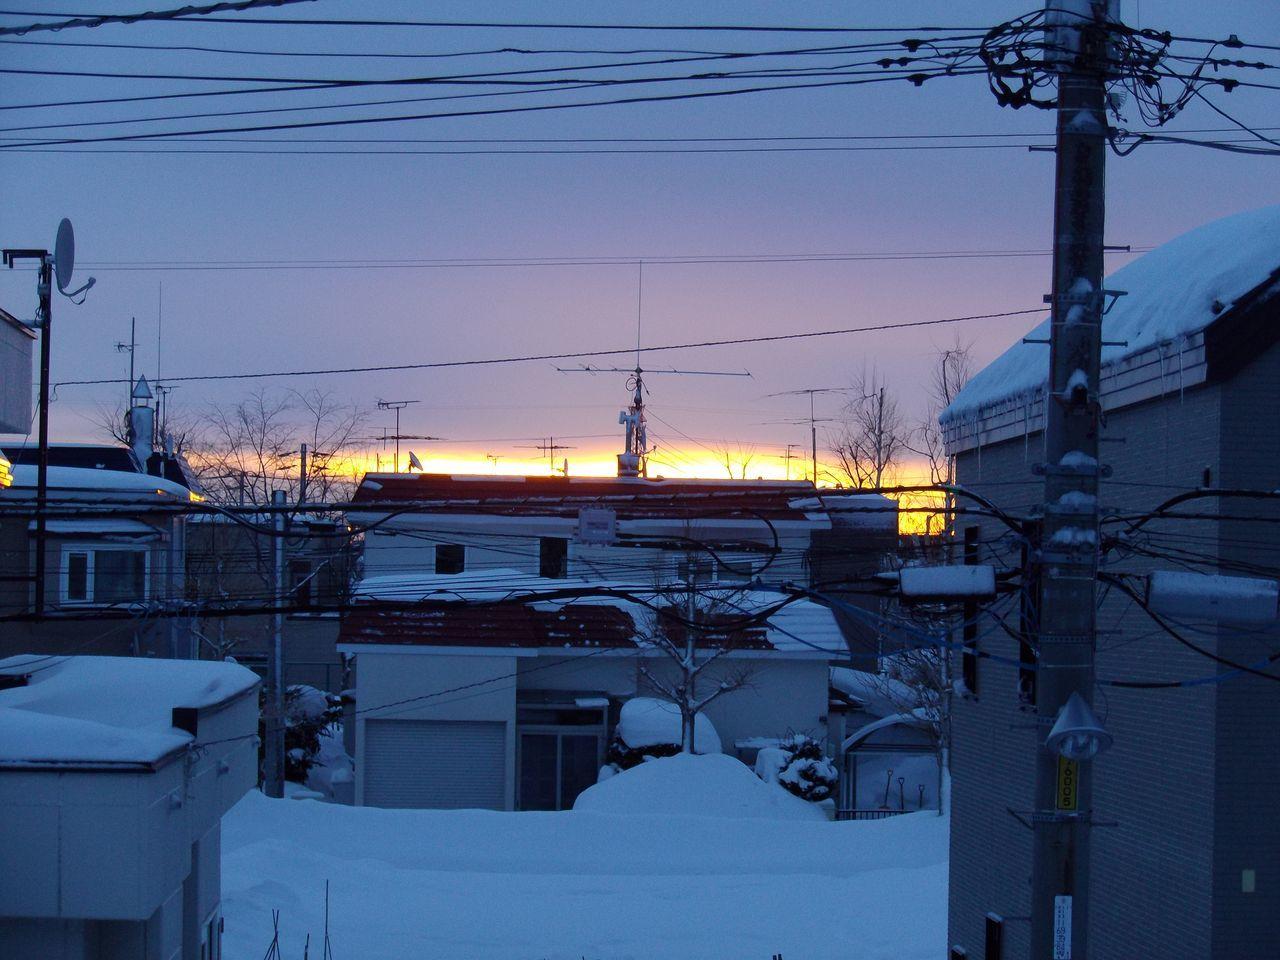 日の出の瞬間だけの太陽観察_c0025115_19485266.jpg